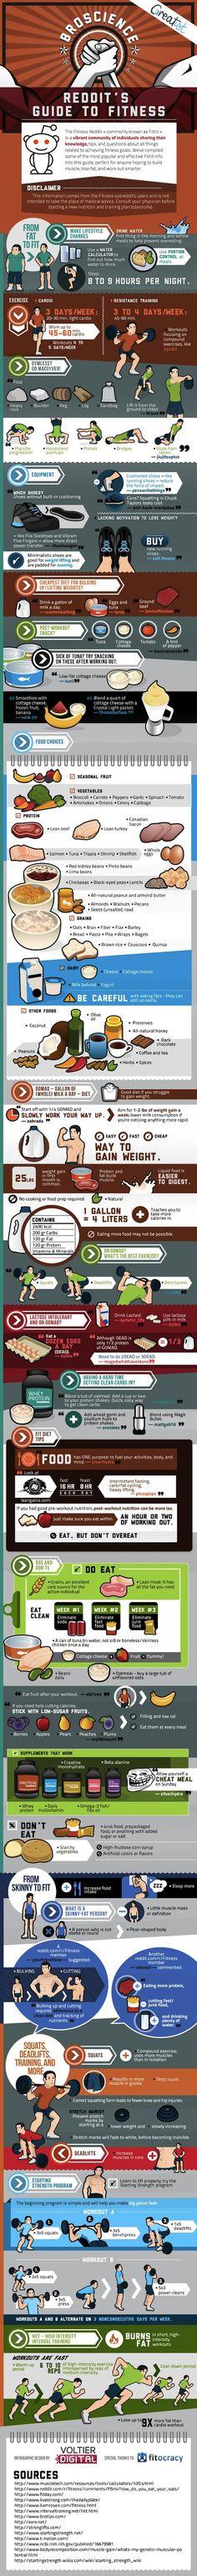 Infografía: La guía de Reddit para hacer ejercicio